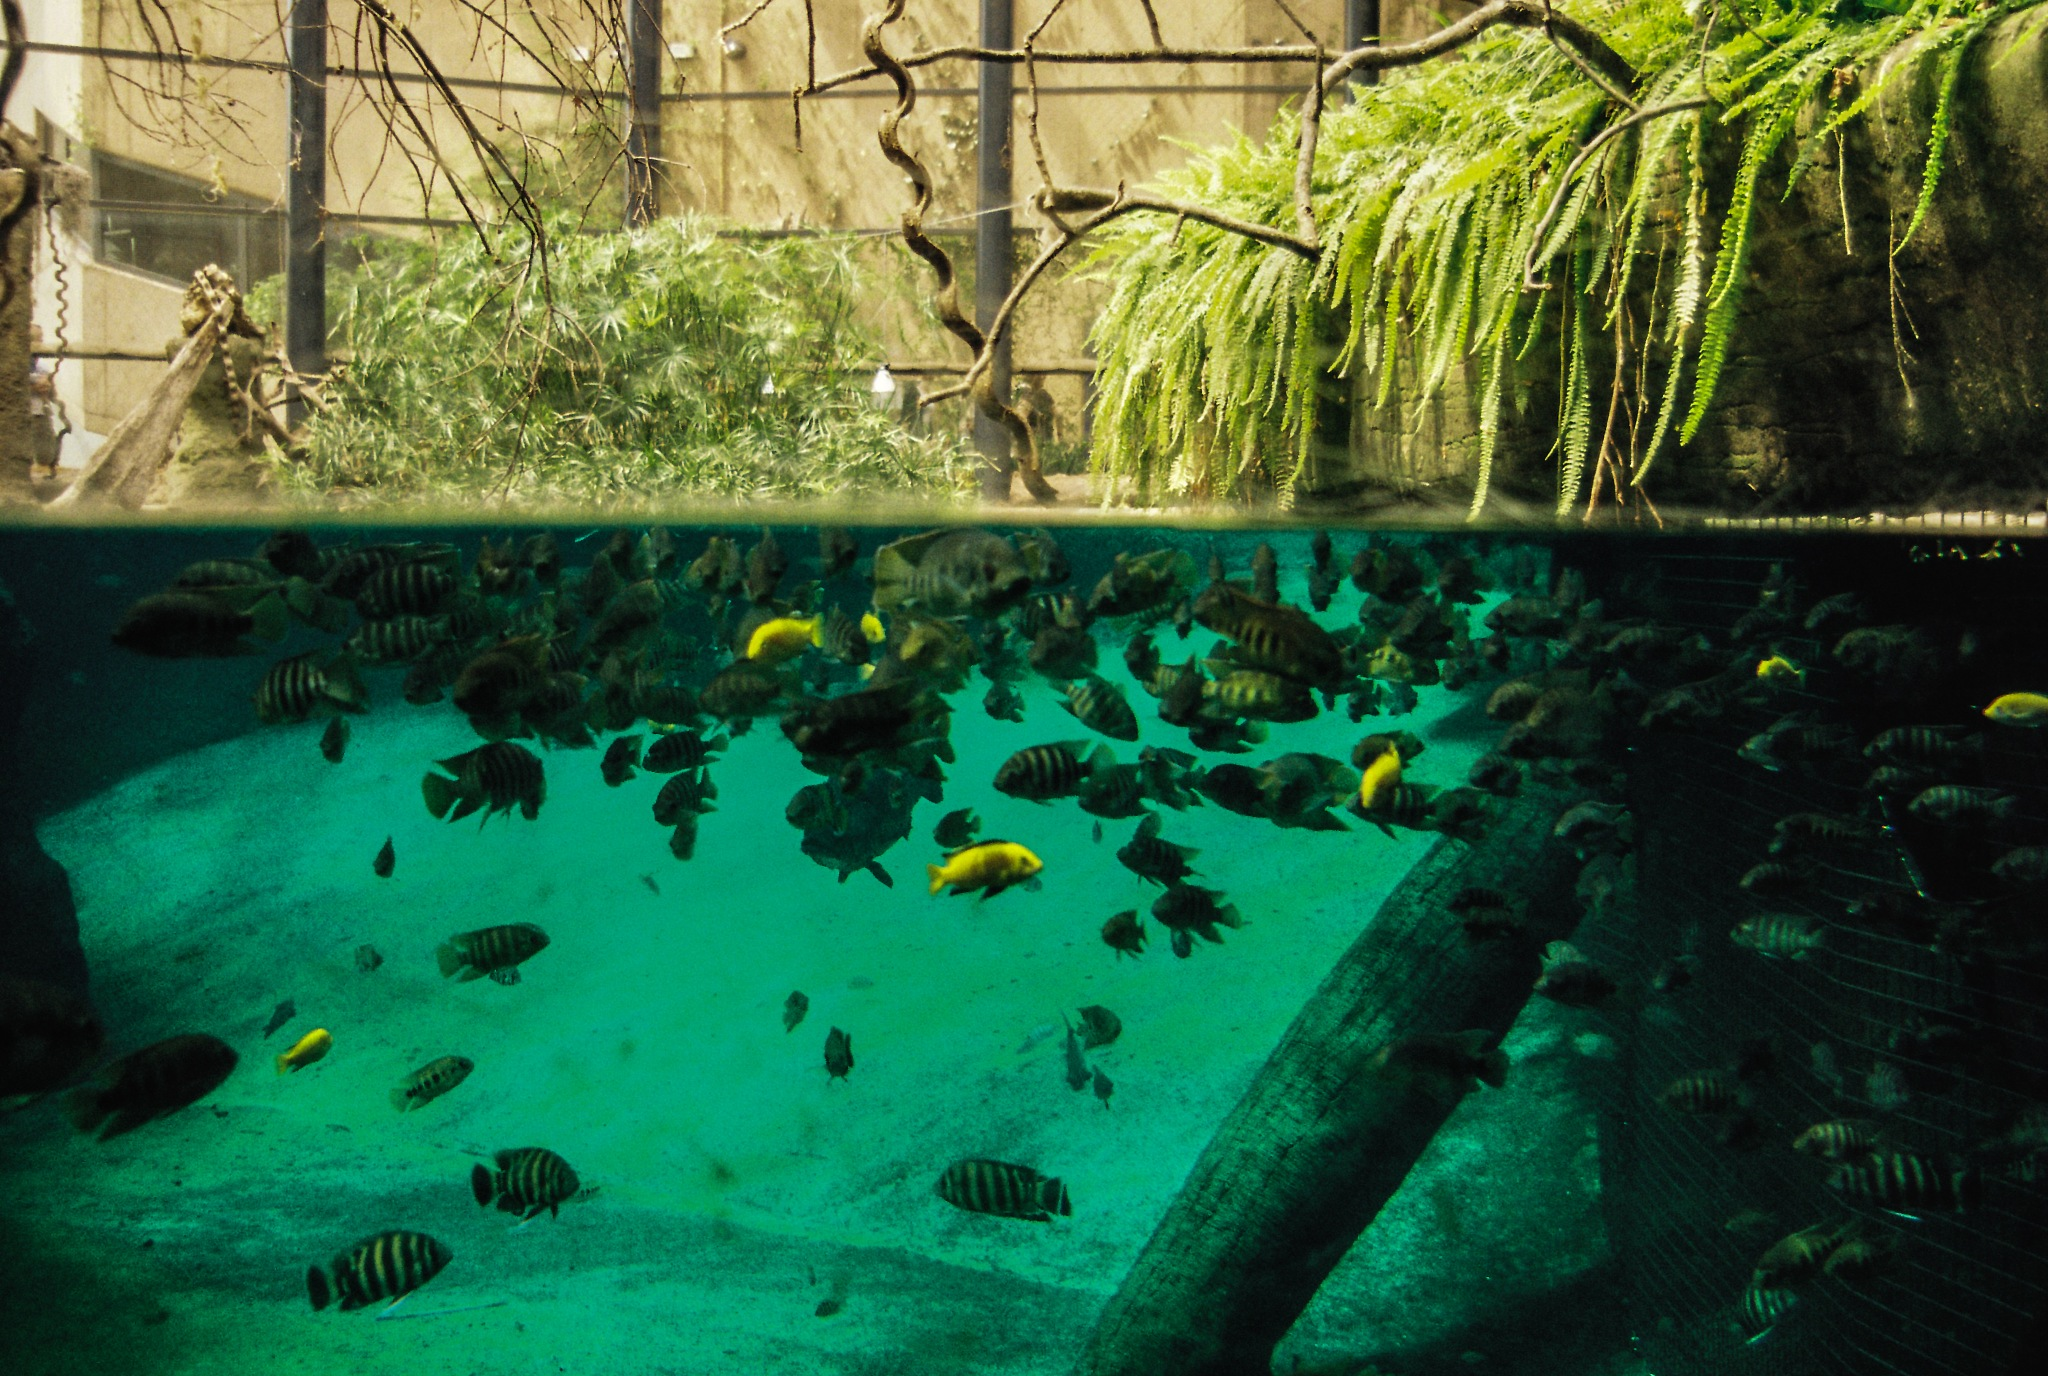 underwater world by Wiesława Dalecka